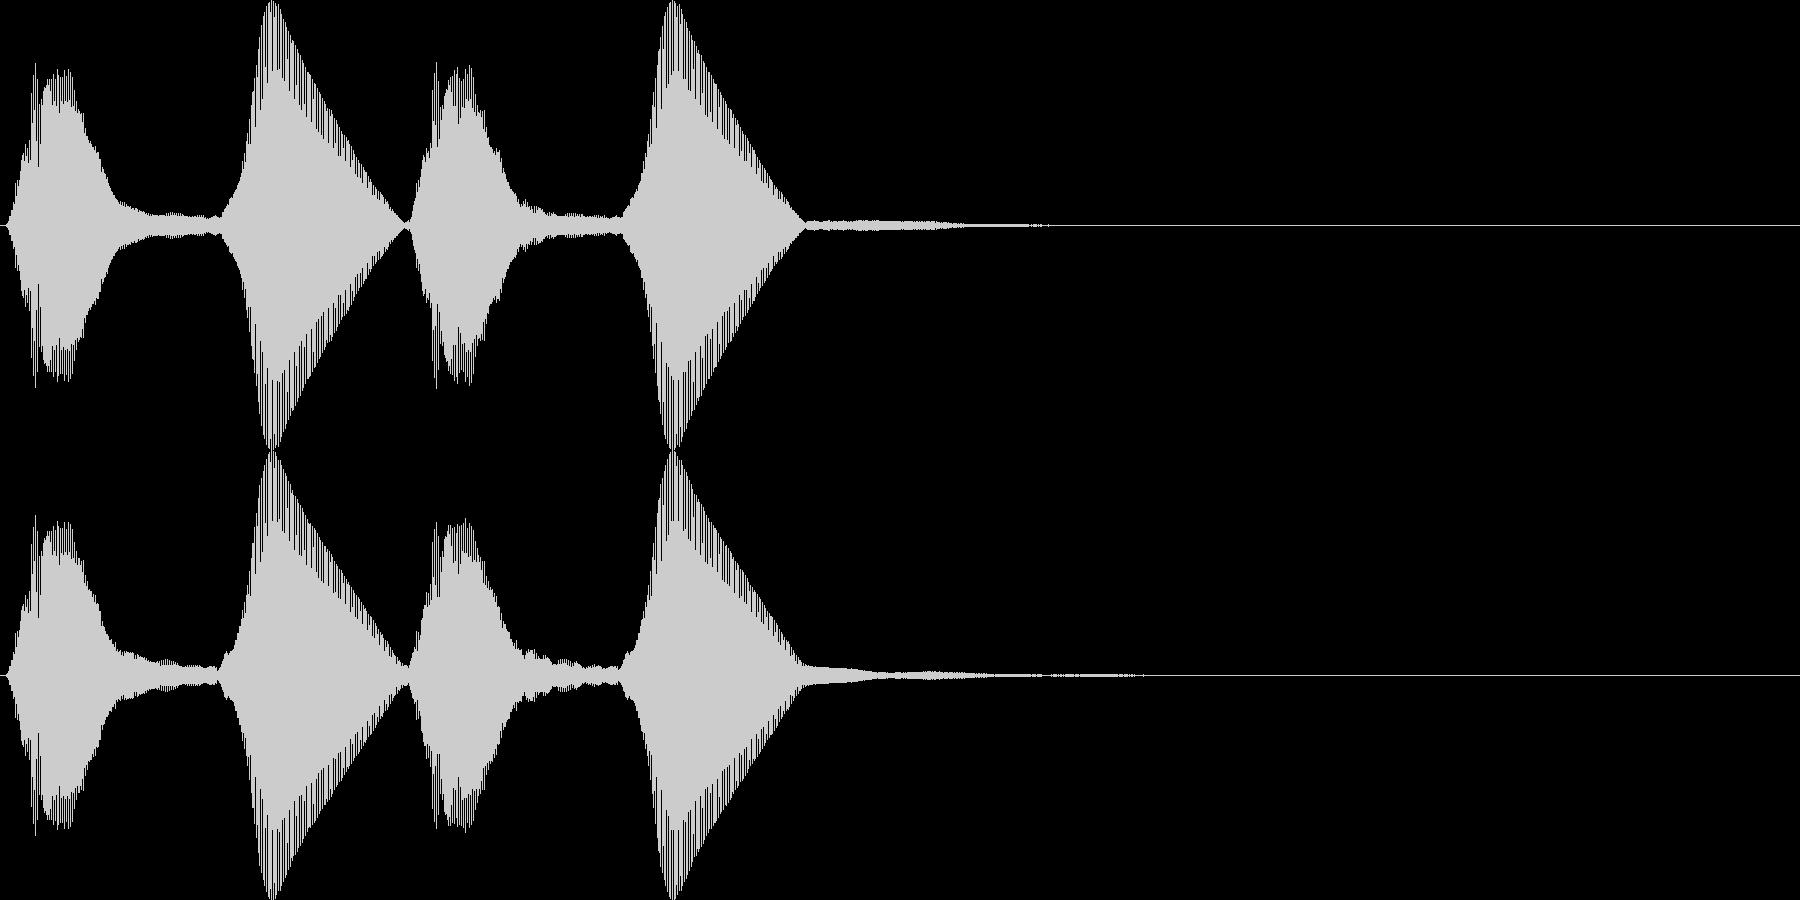 パフパフ。パフパフラッパD(高・2連発)の未再生の波形